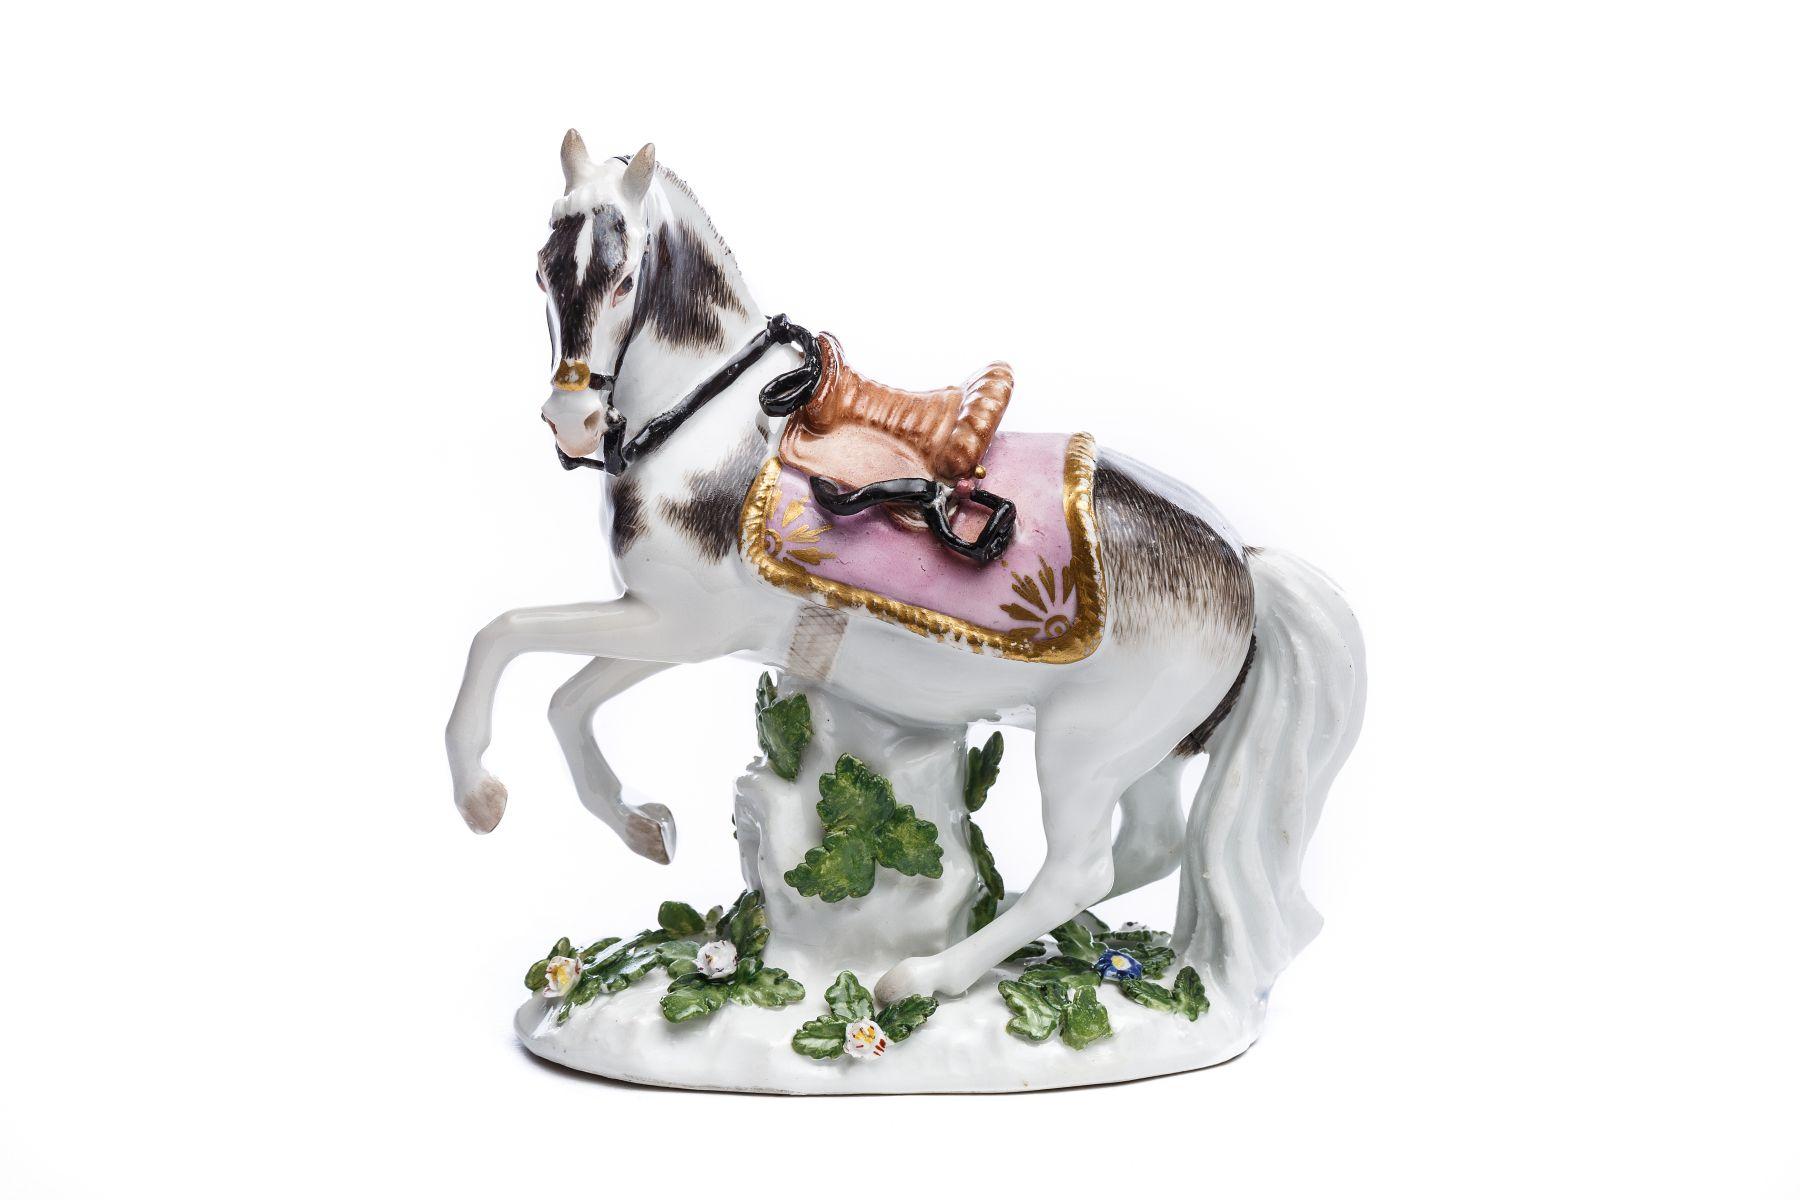 #30 Saddled horse with brown saddle, Meissen 1720 | Gesatteltes Pferd mit braunem Sattel, Meissen 1720 Image